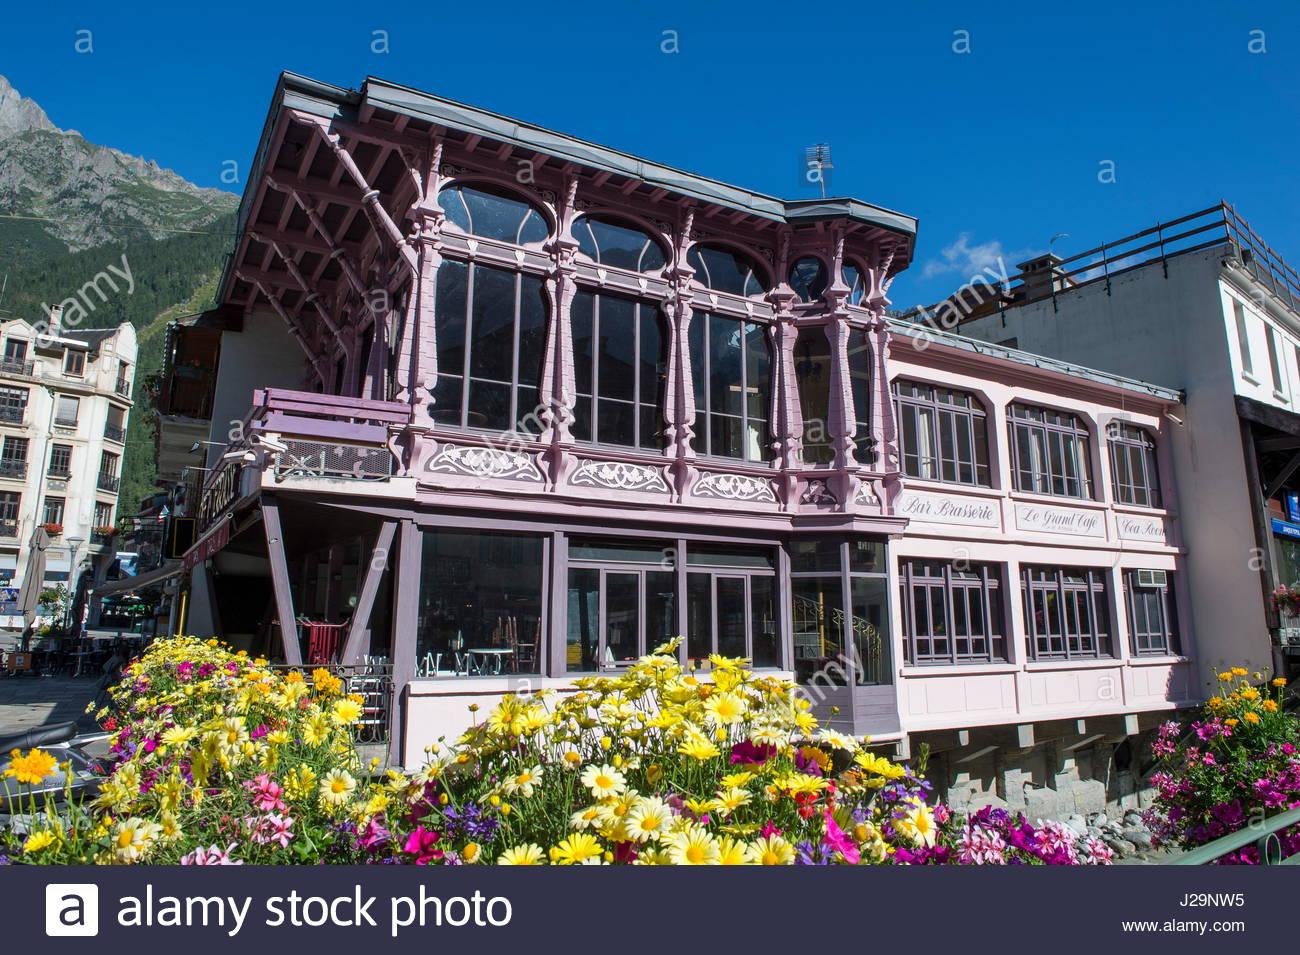 Cafe La Terrasse Chamonix France Stockfotos Cafe La Terrasse